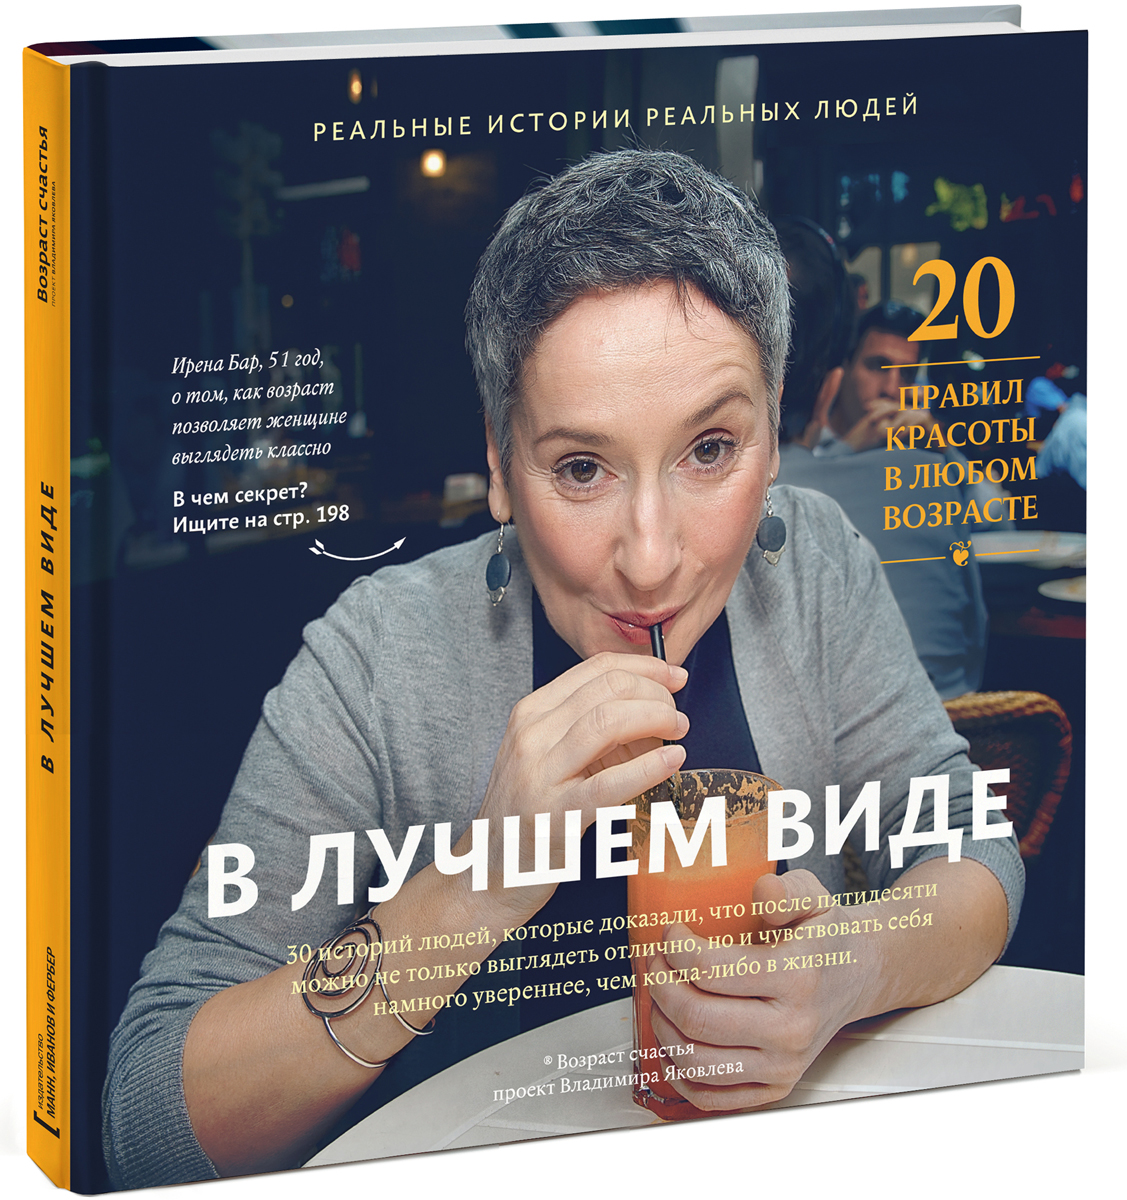 Владимир Яковлев В лучшем виде. 30 историй людей, которые доказали, что после пятидесяти можно не только выглядеть отлично, но и чувствовать себя намного увереннее, чем когда-либо в жизни